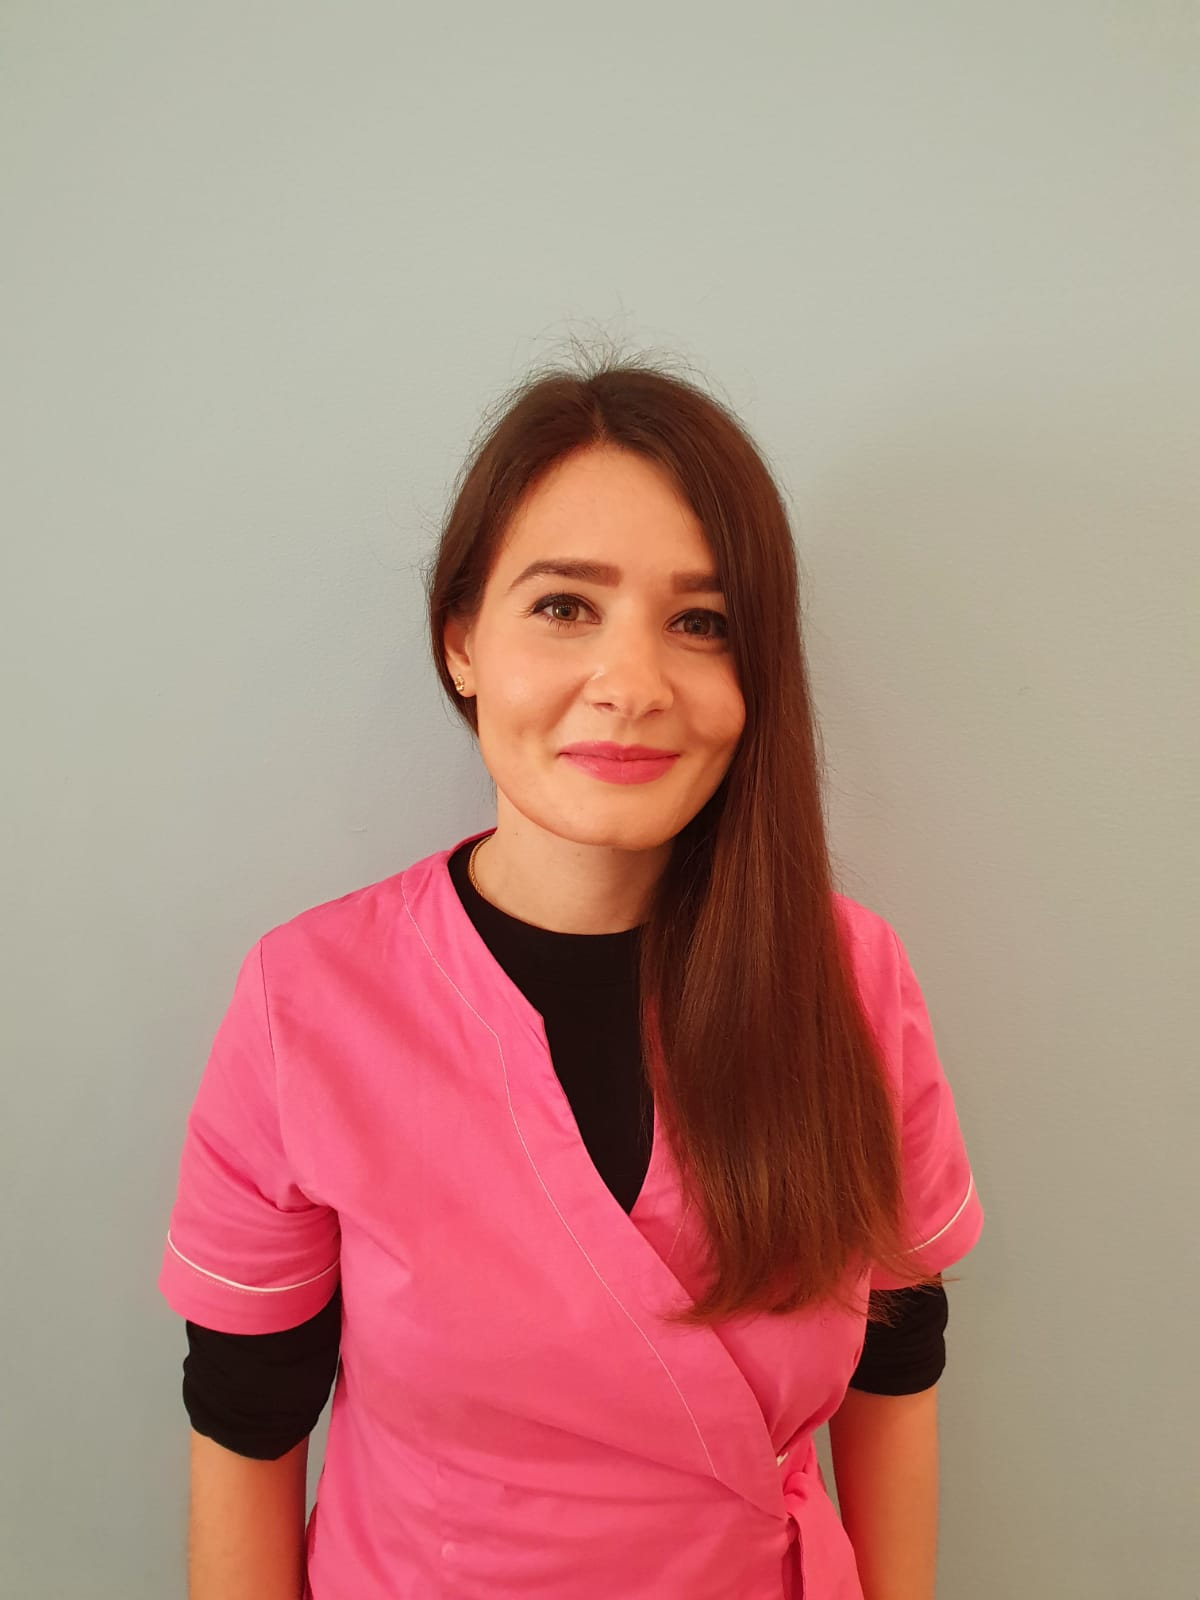 Mariam Rahma